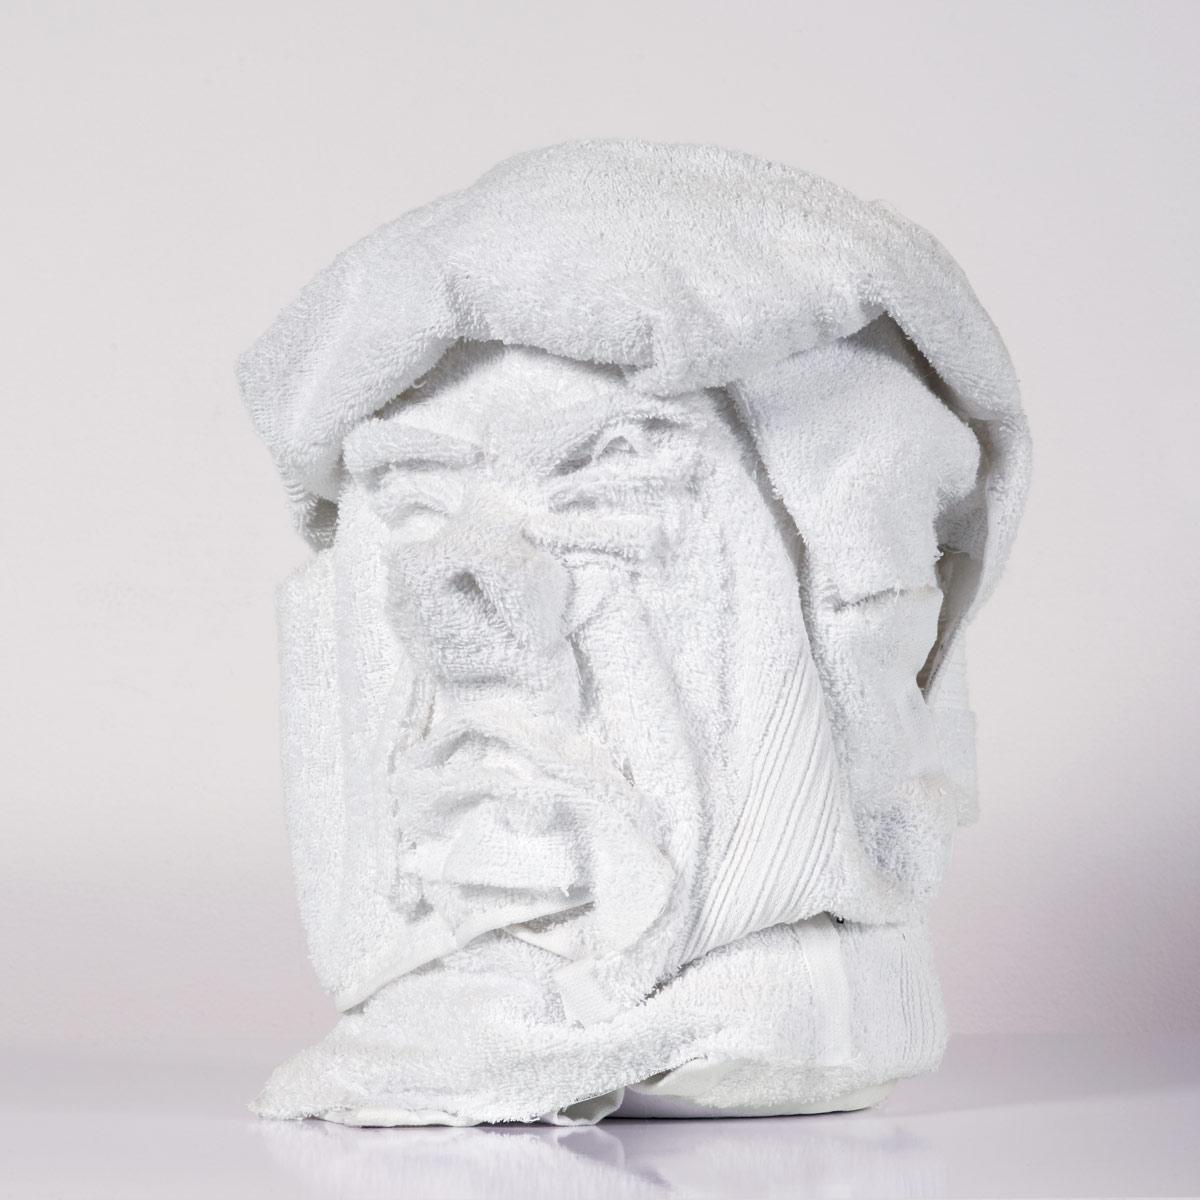 Annelies-Kamen-Trump-Towel-2.jpg